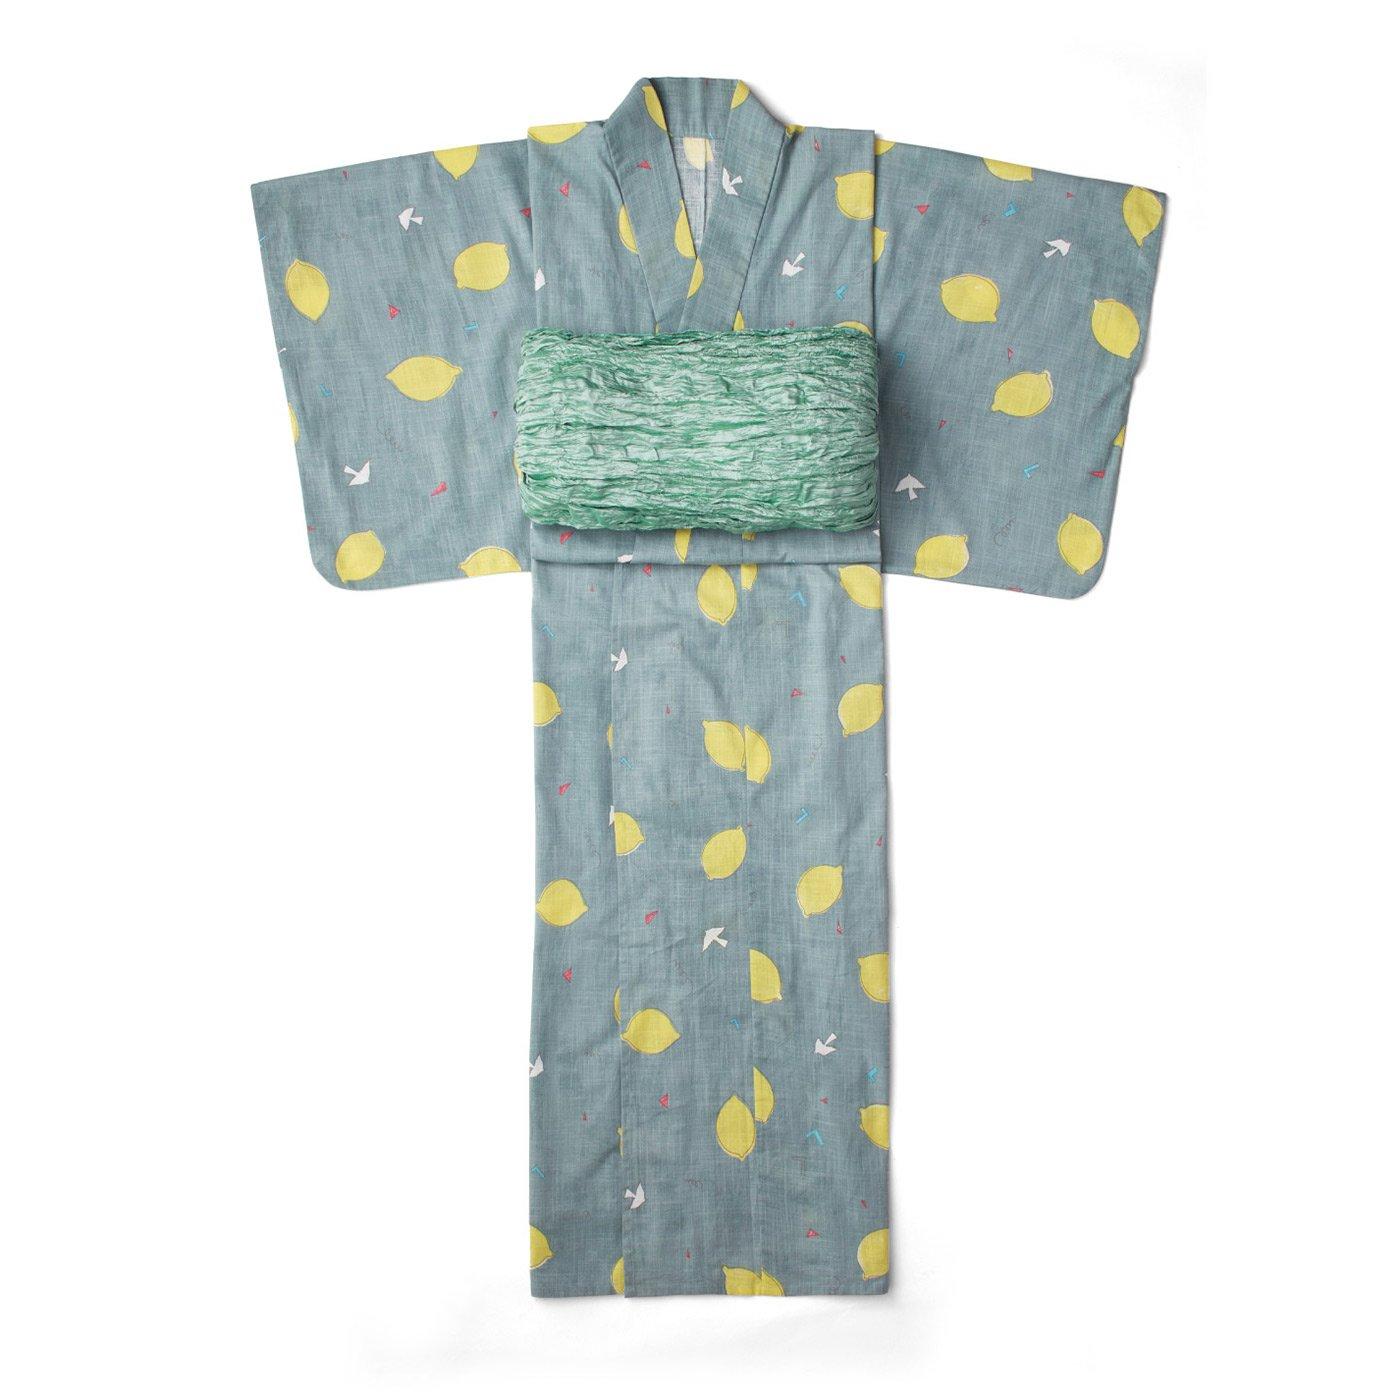 【3~10日でお届け】京都Subikiawa食器店さんとつくった レトロなレモン柄の浴衣(ゆかた)〈レディース〉